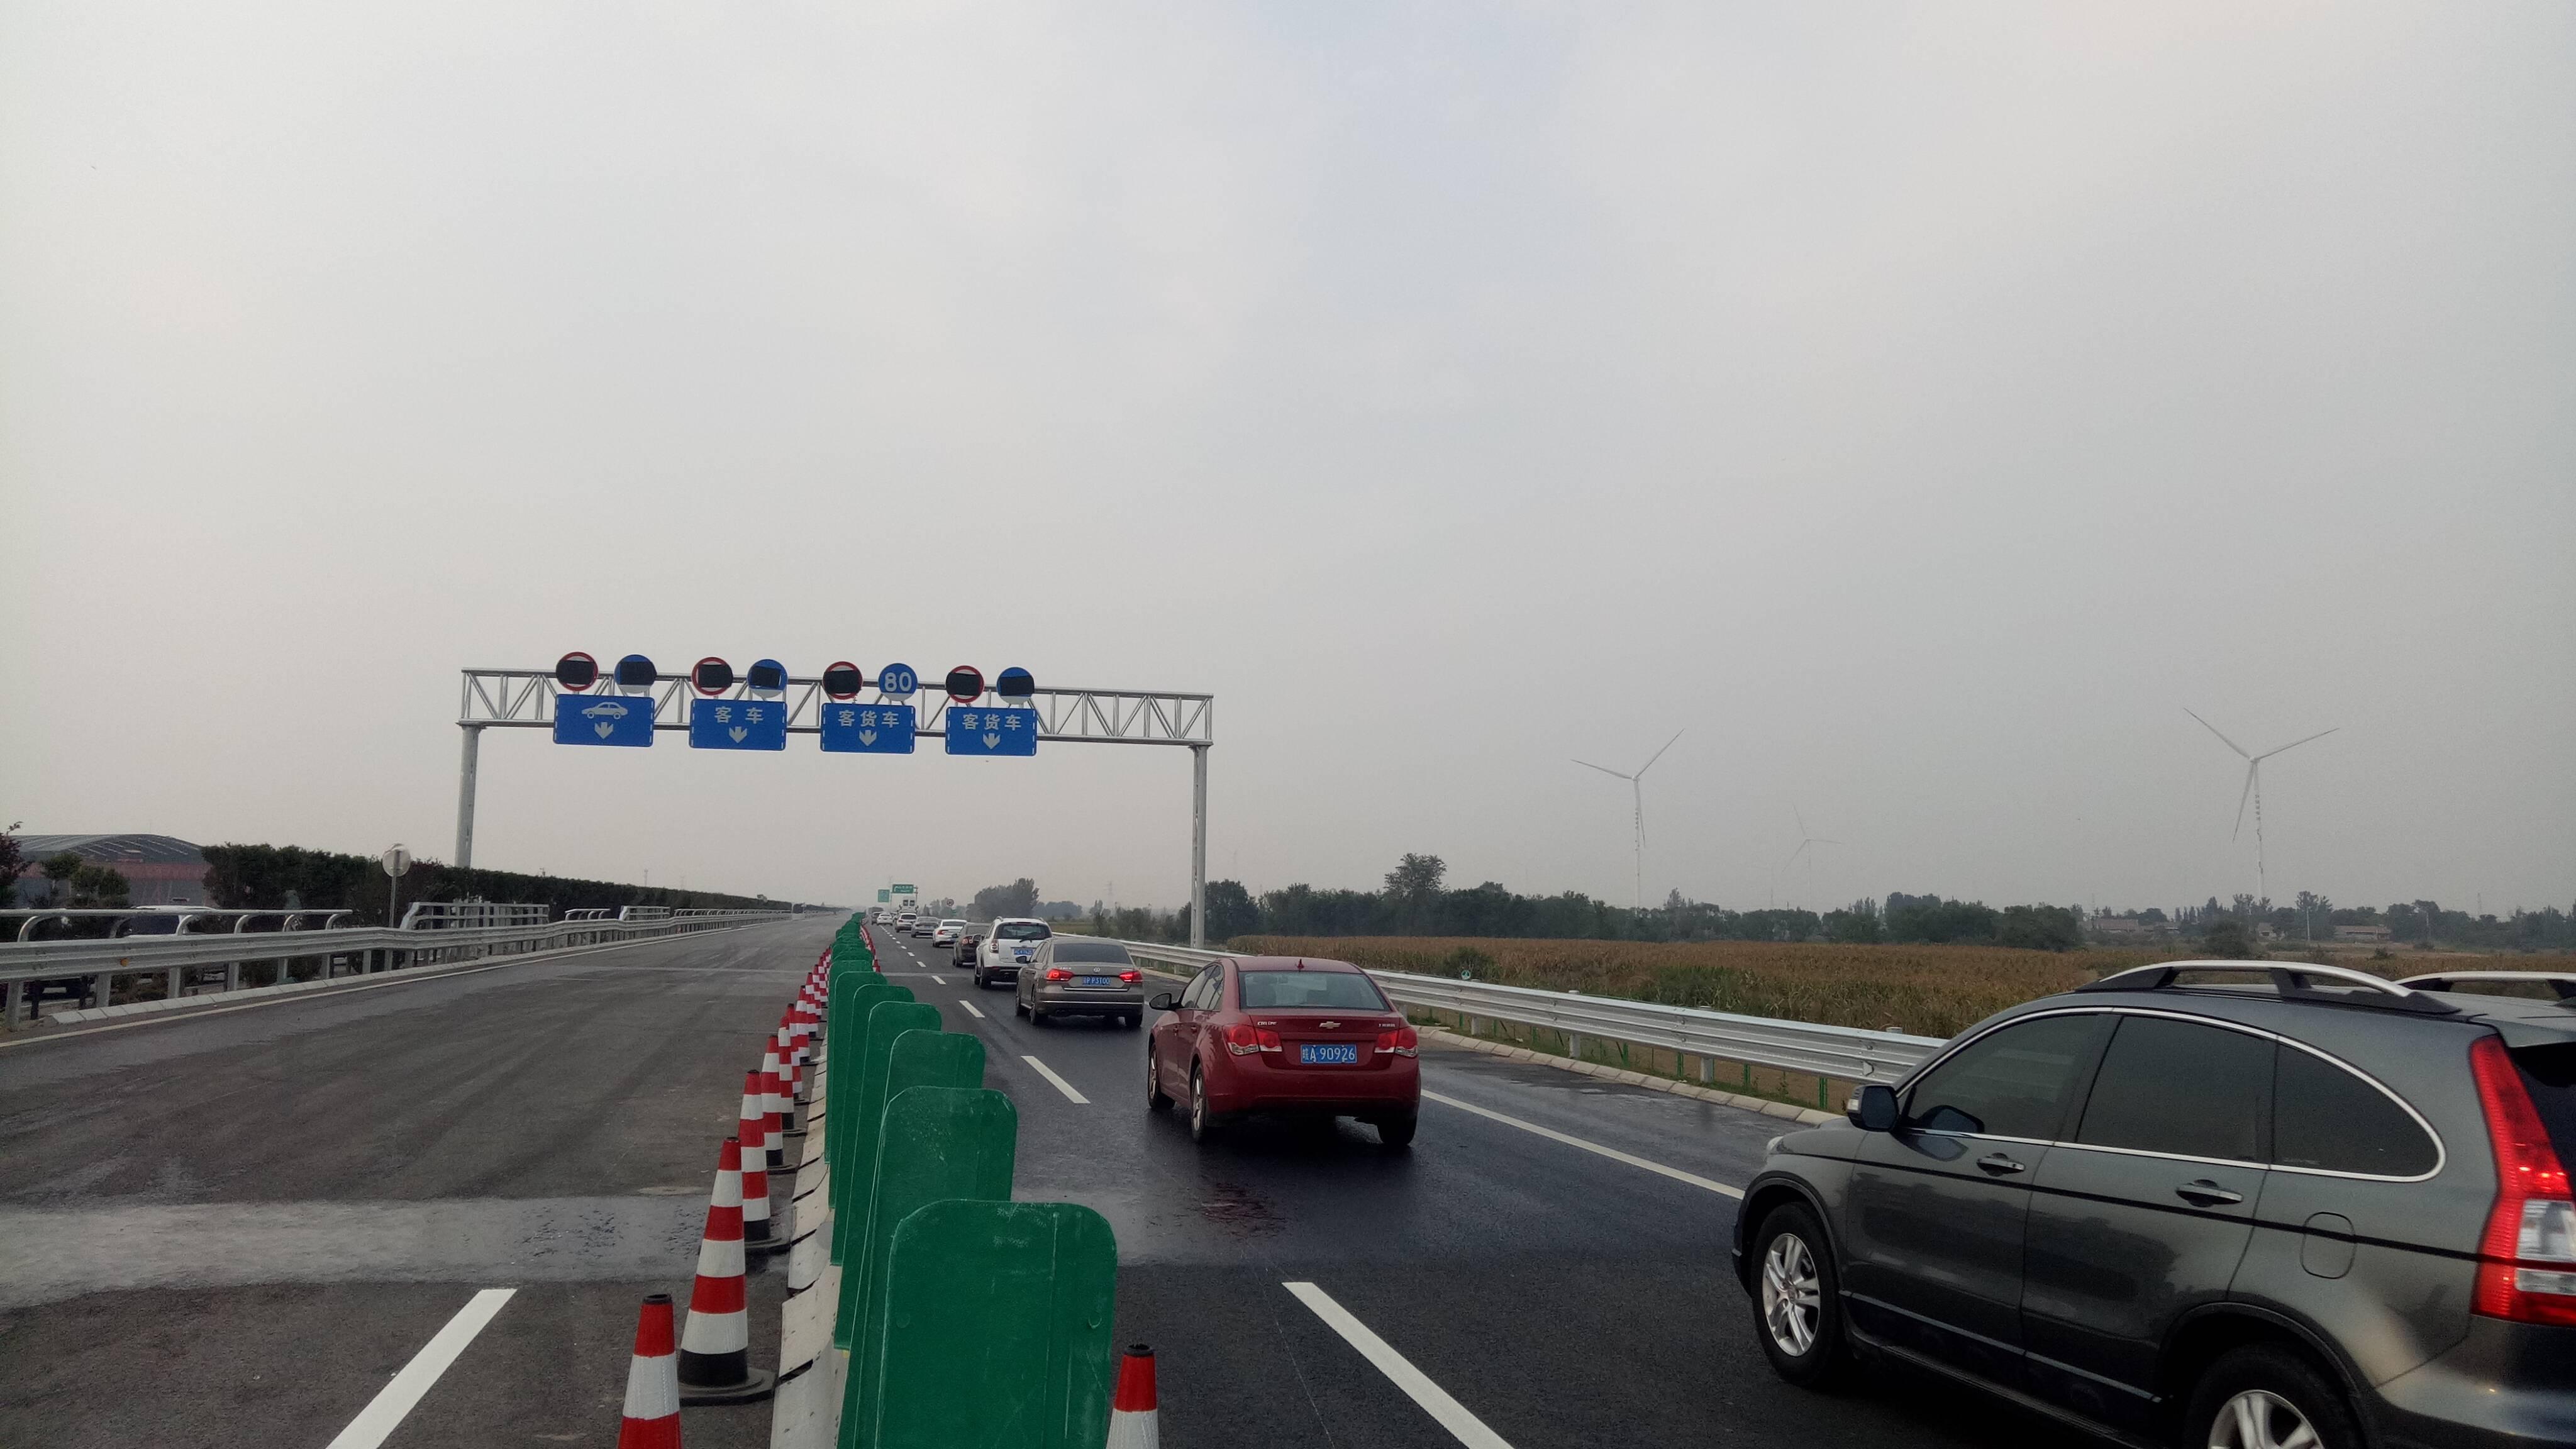 京台高速改扩建德齐段二标顺利完成首段第二次转序